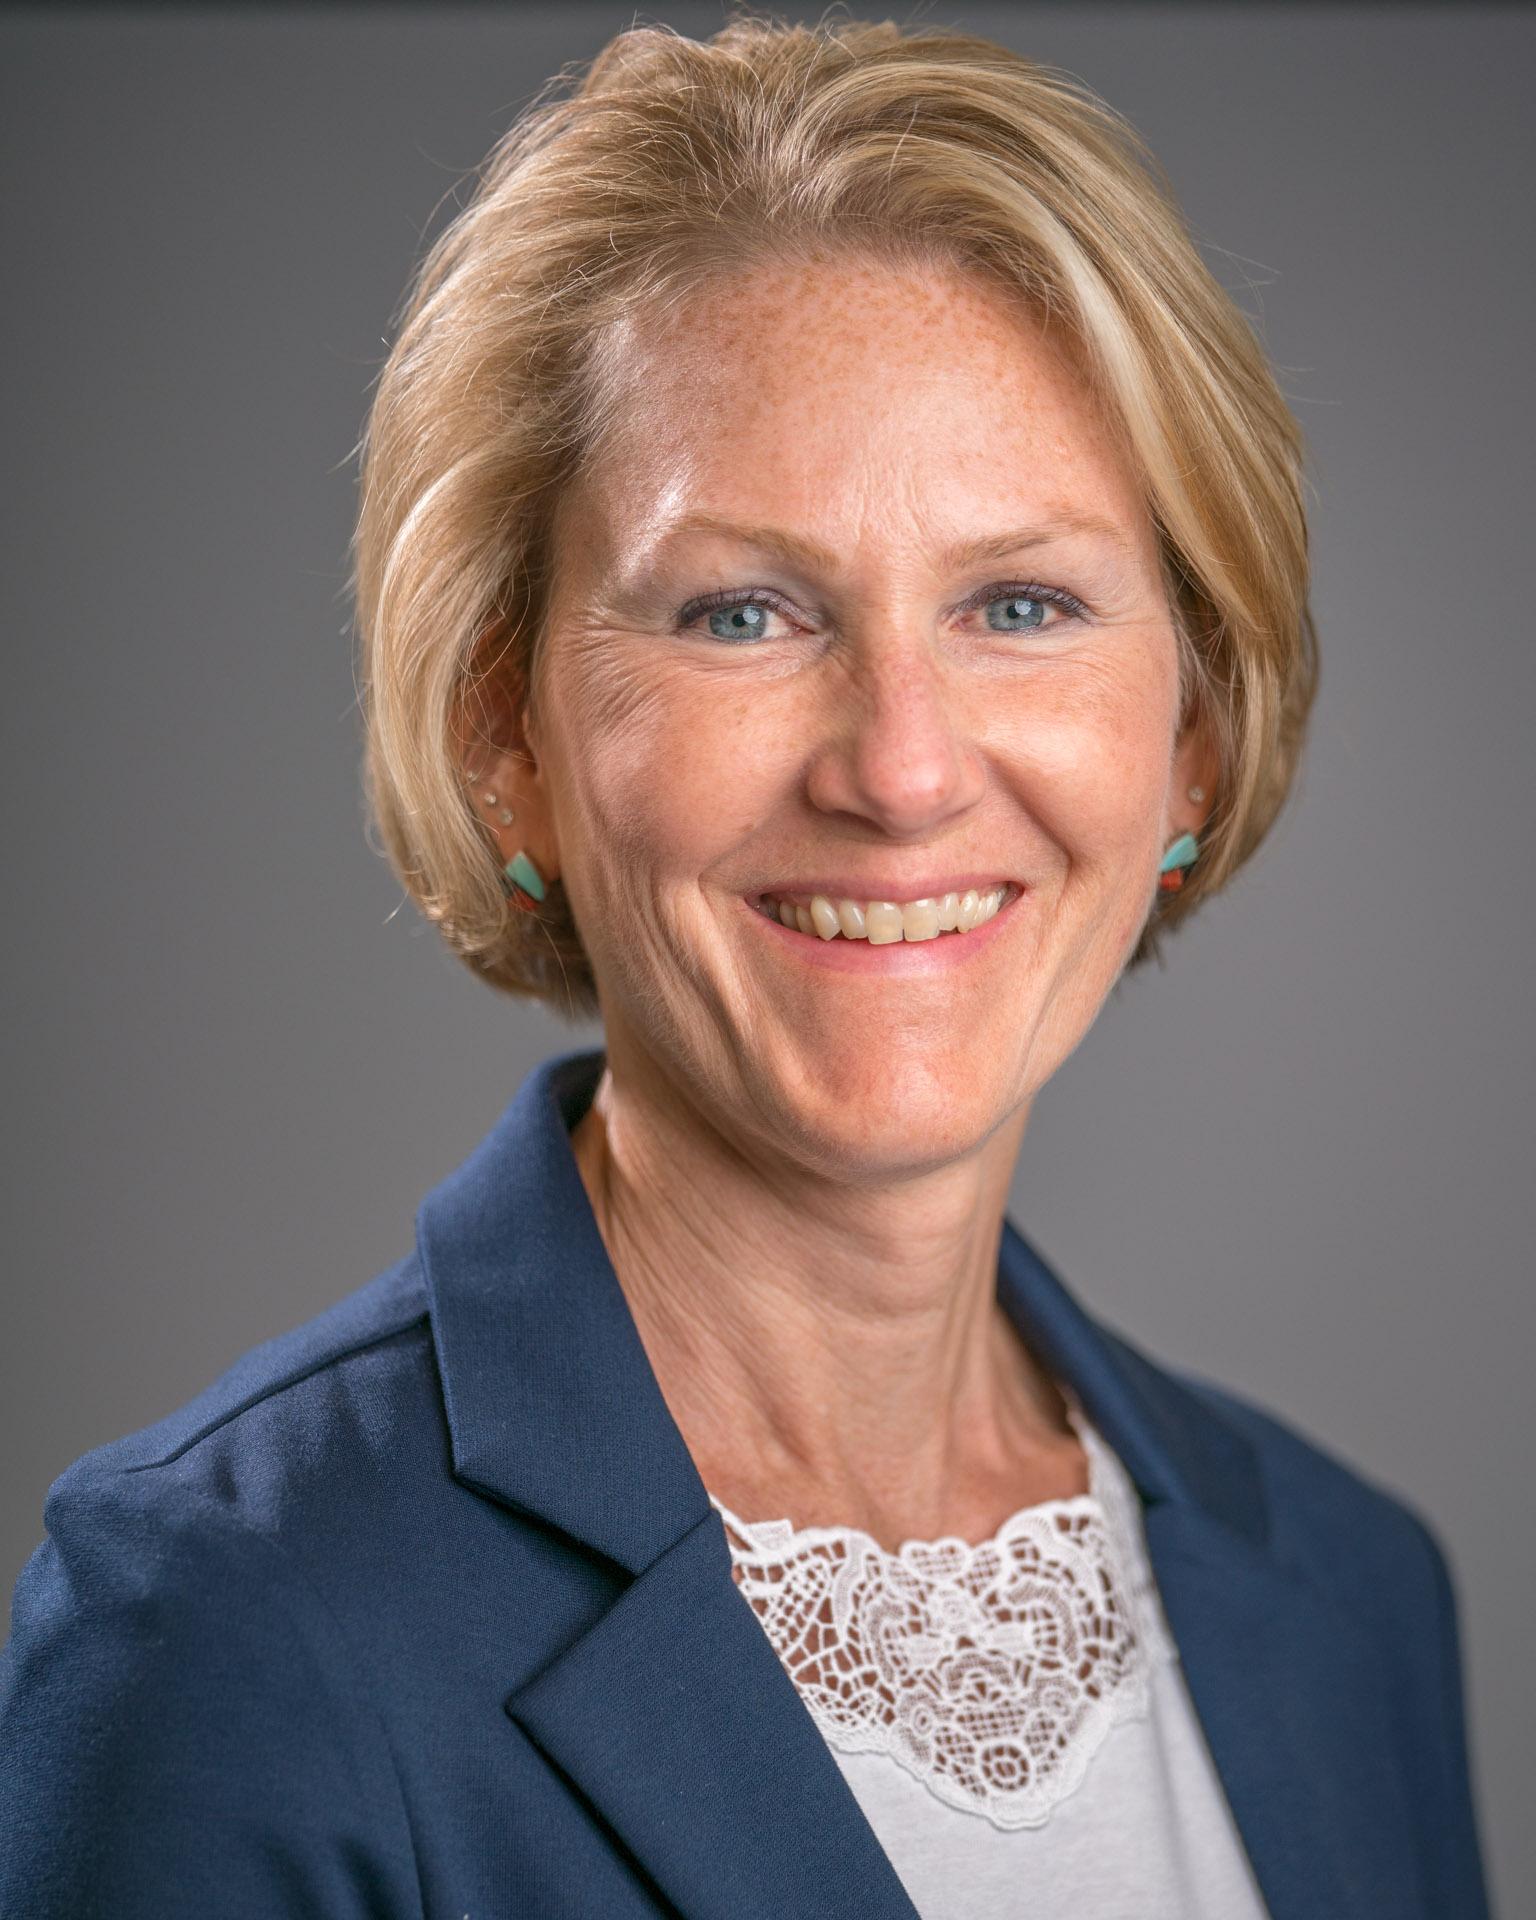 Carrie Krenicky